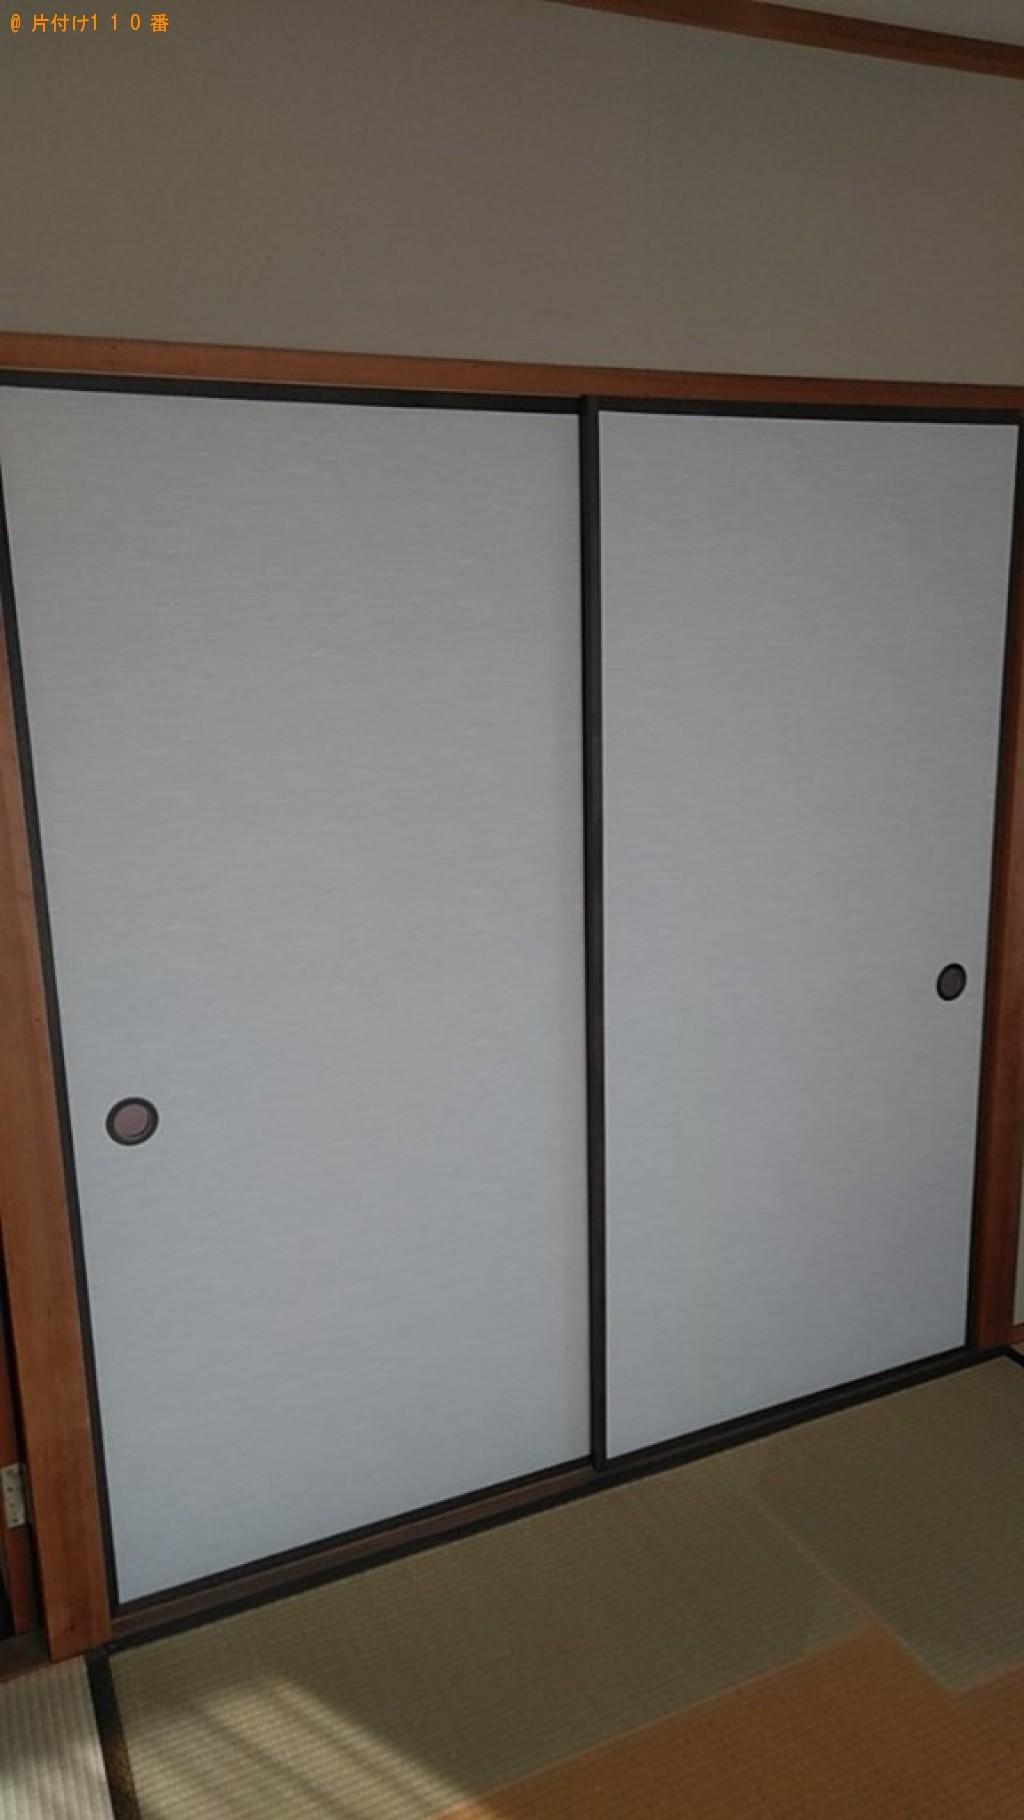 【伊予郡松前町】本棚、クローゼット、食器棚等の回収・処分ご依頼